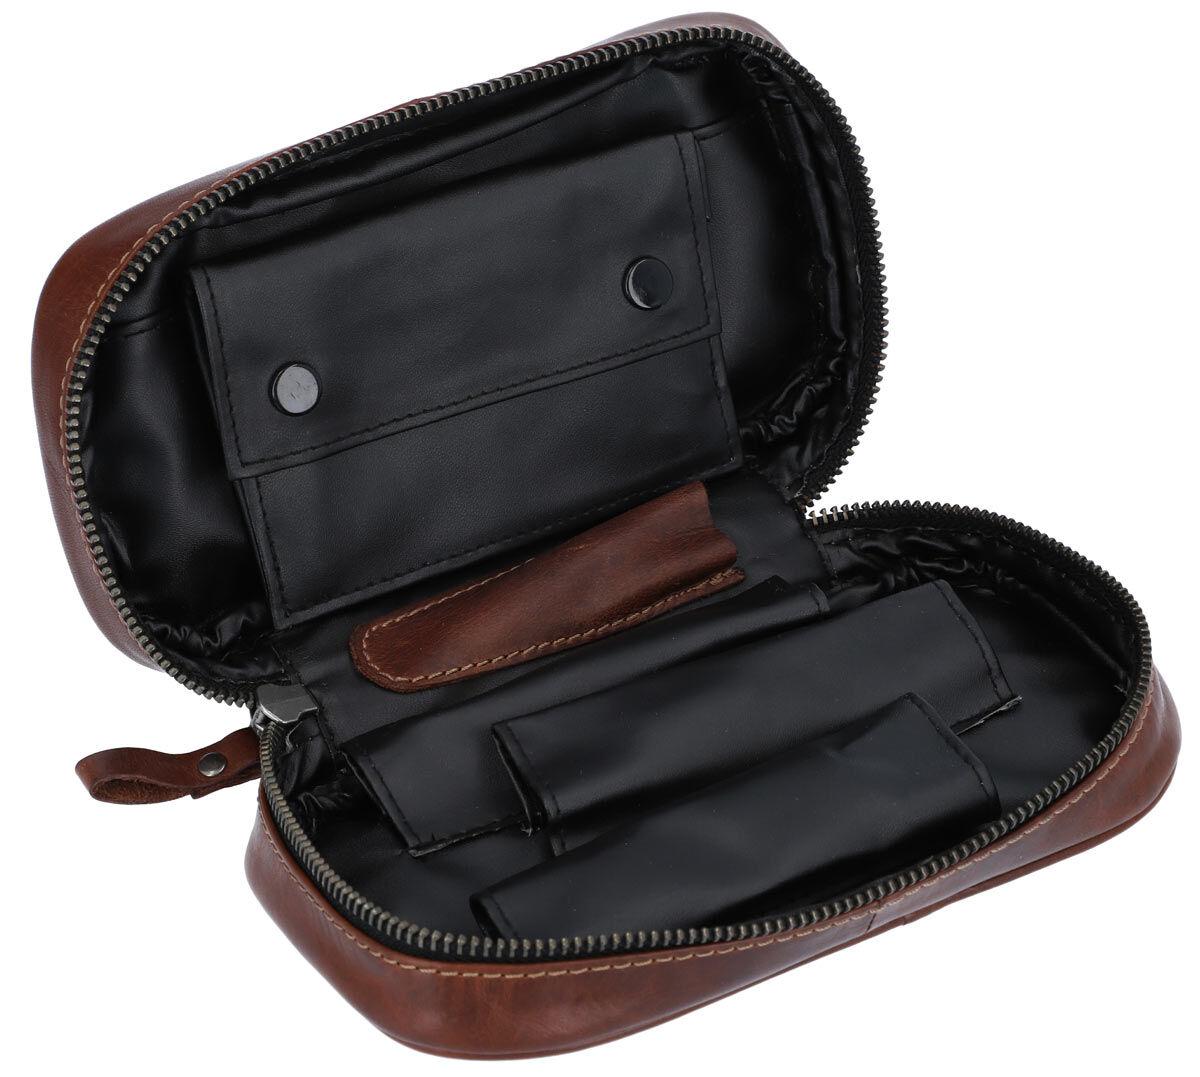 Outlet Pfeifentasche - kleine Farbunterschiede im Leder - ansonsten neu - siehe Video